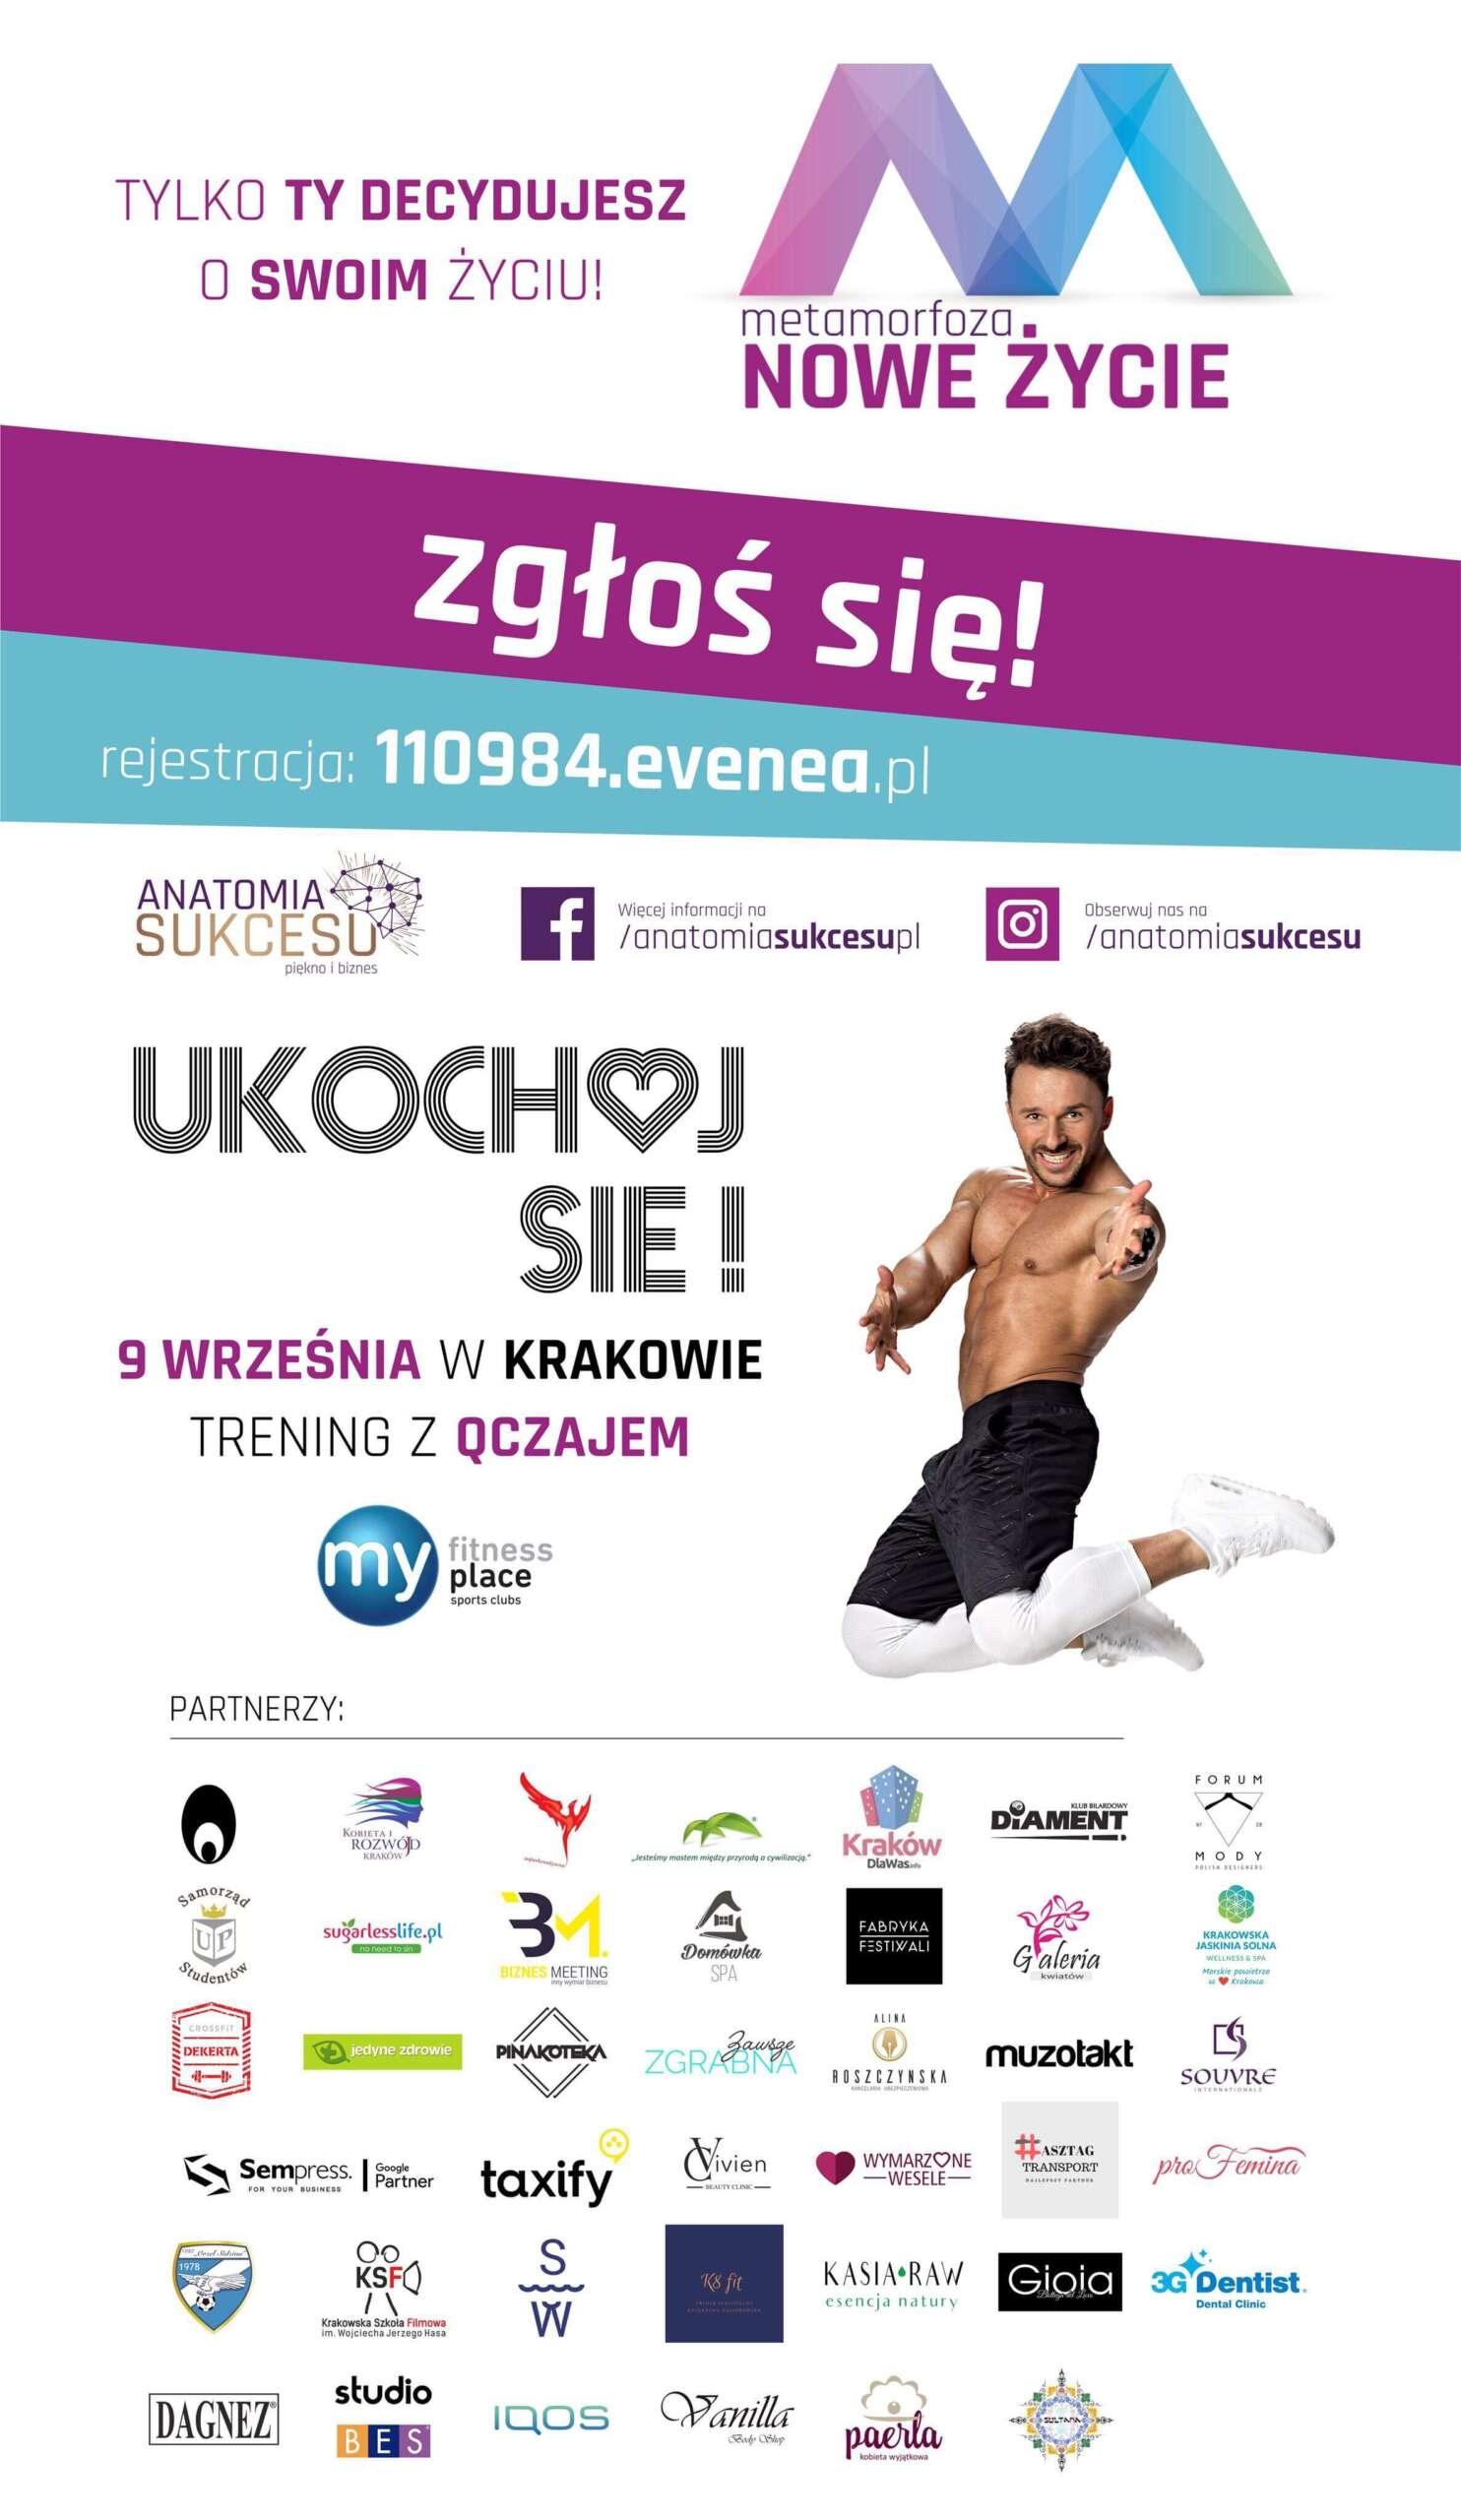 Ukochoj się! Trening z Qczajem po raz pierwszy w Krakowie